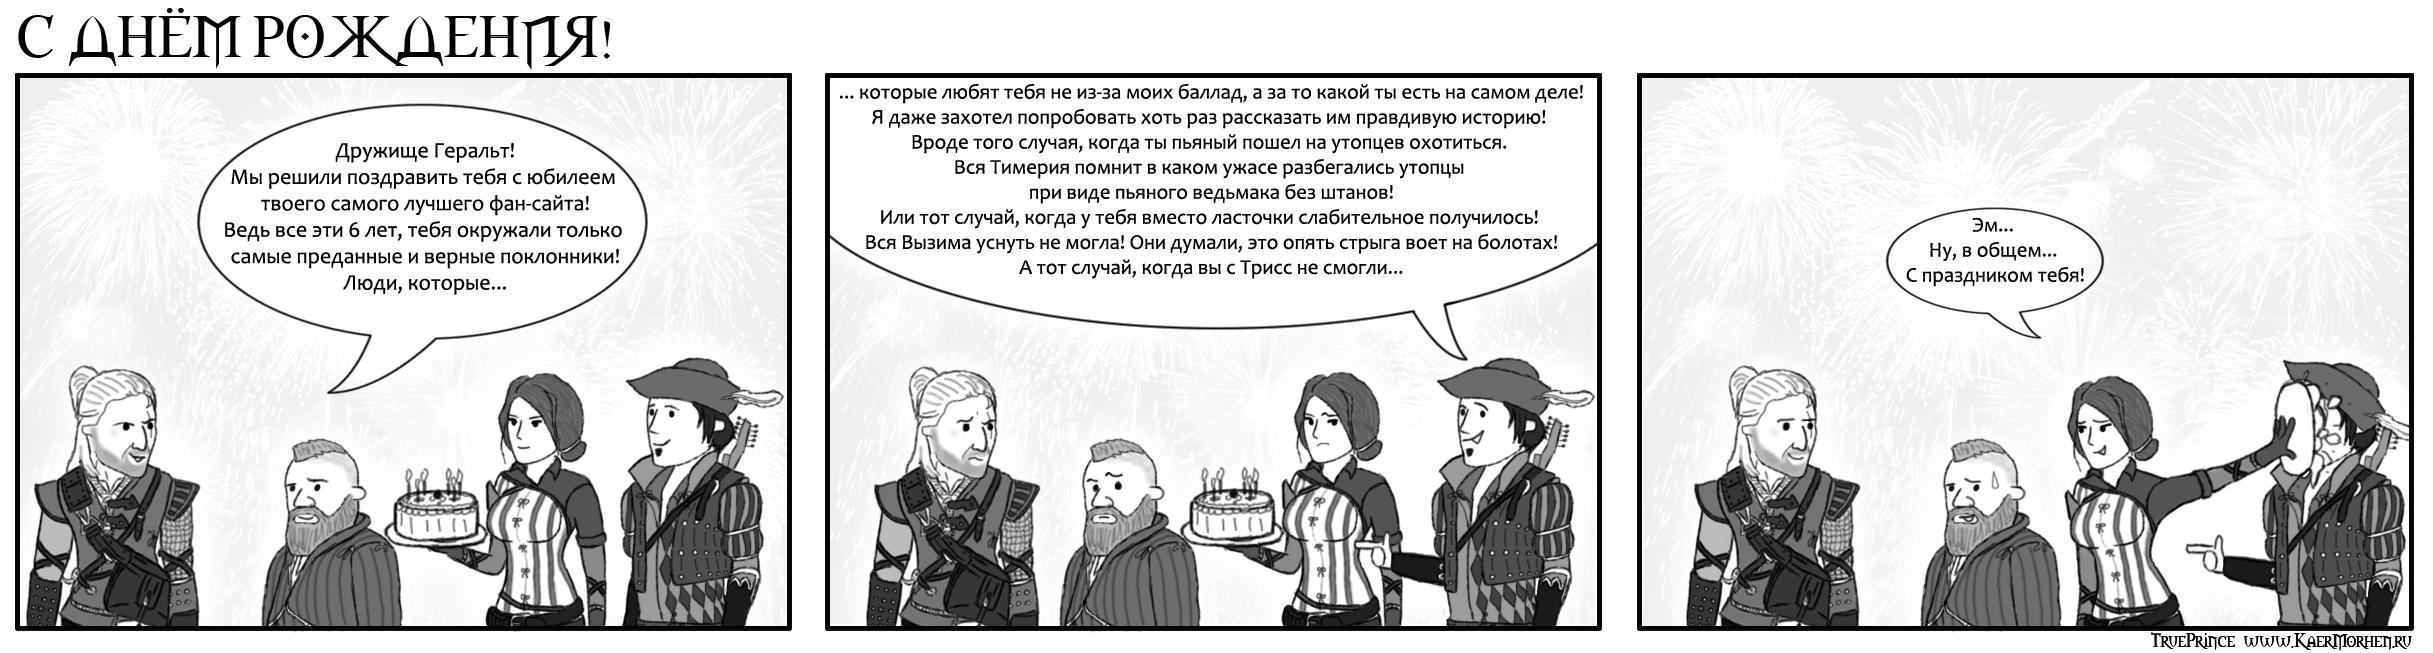 Ведьмак поздравление с днем рождения